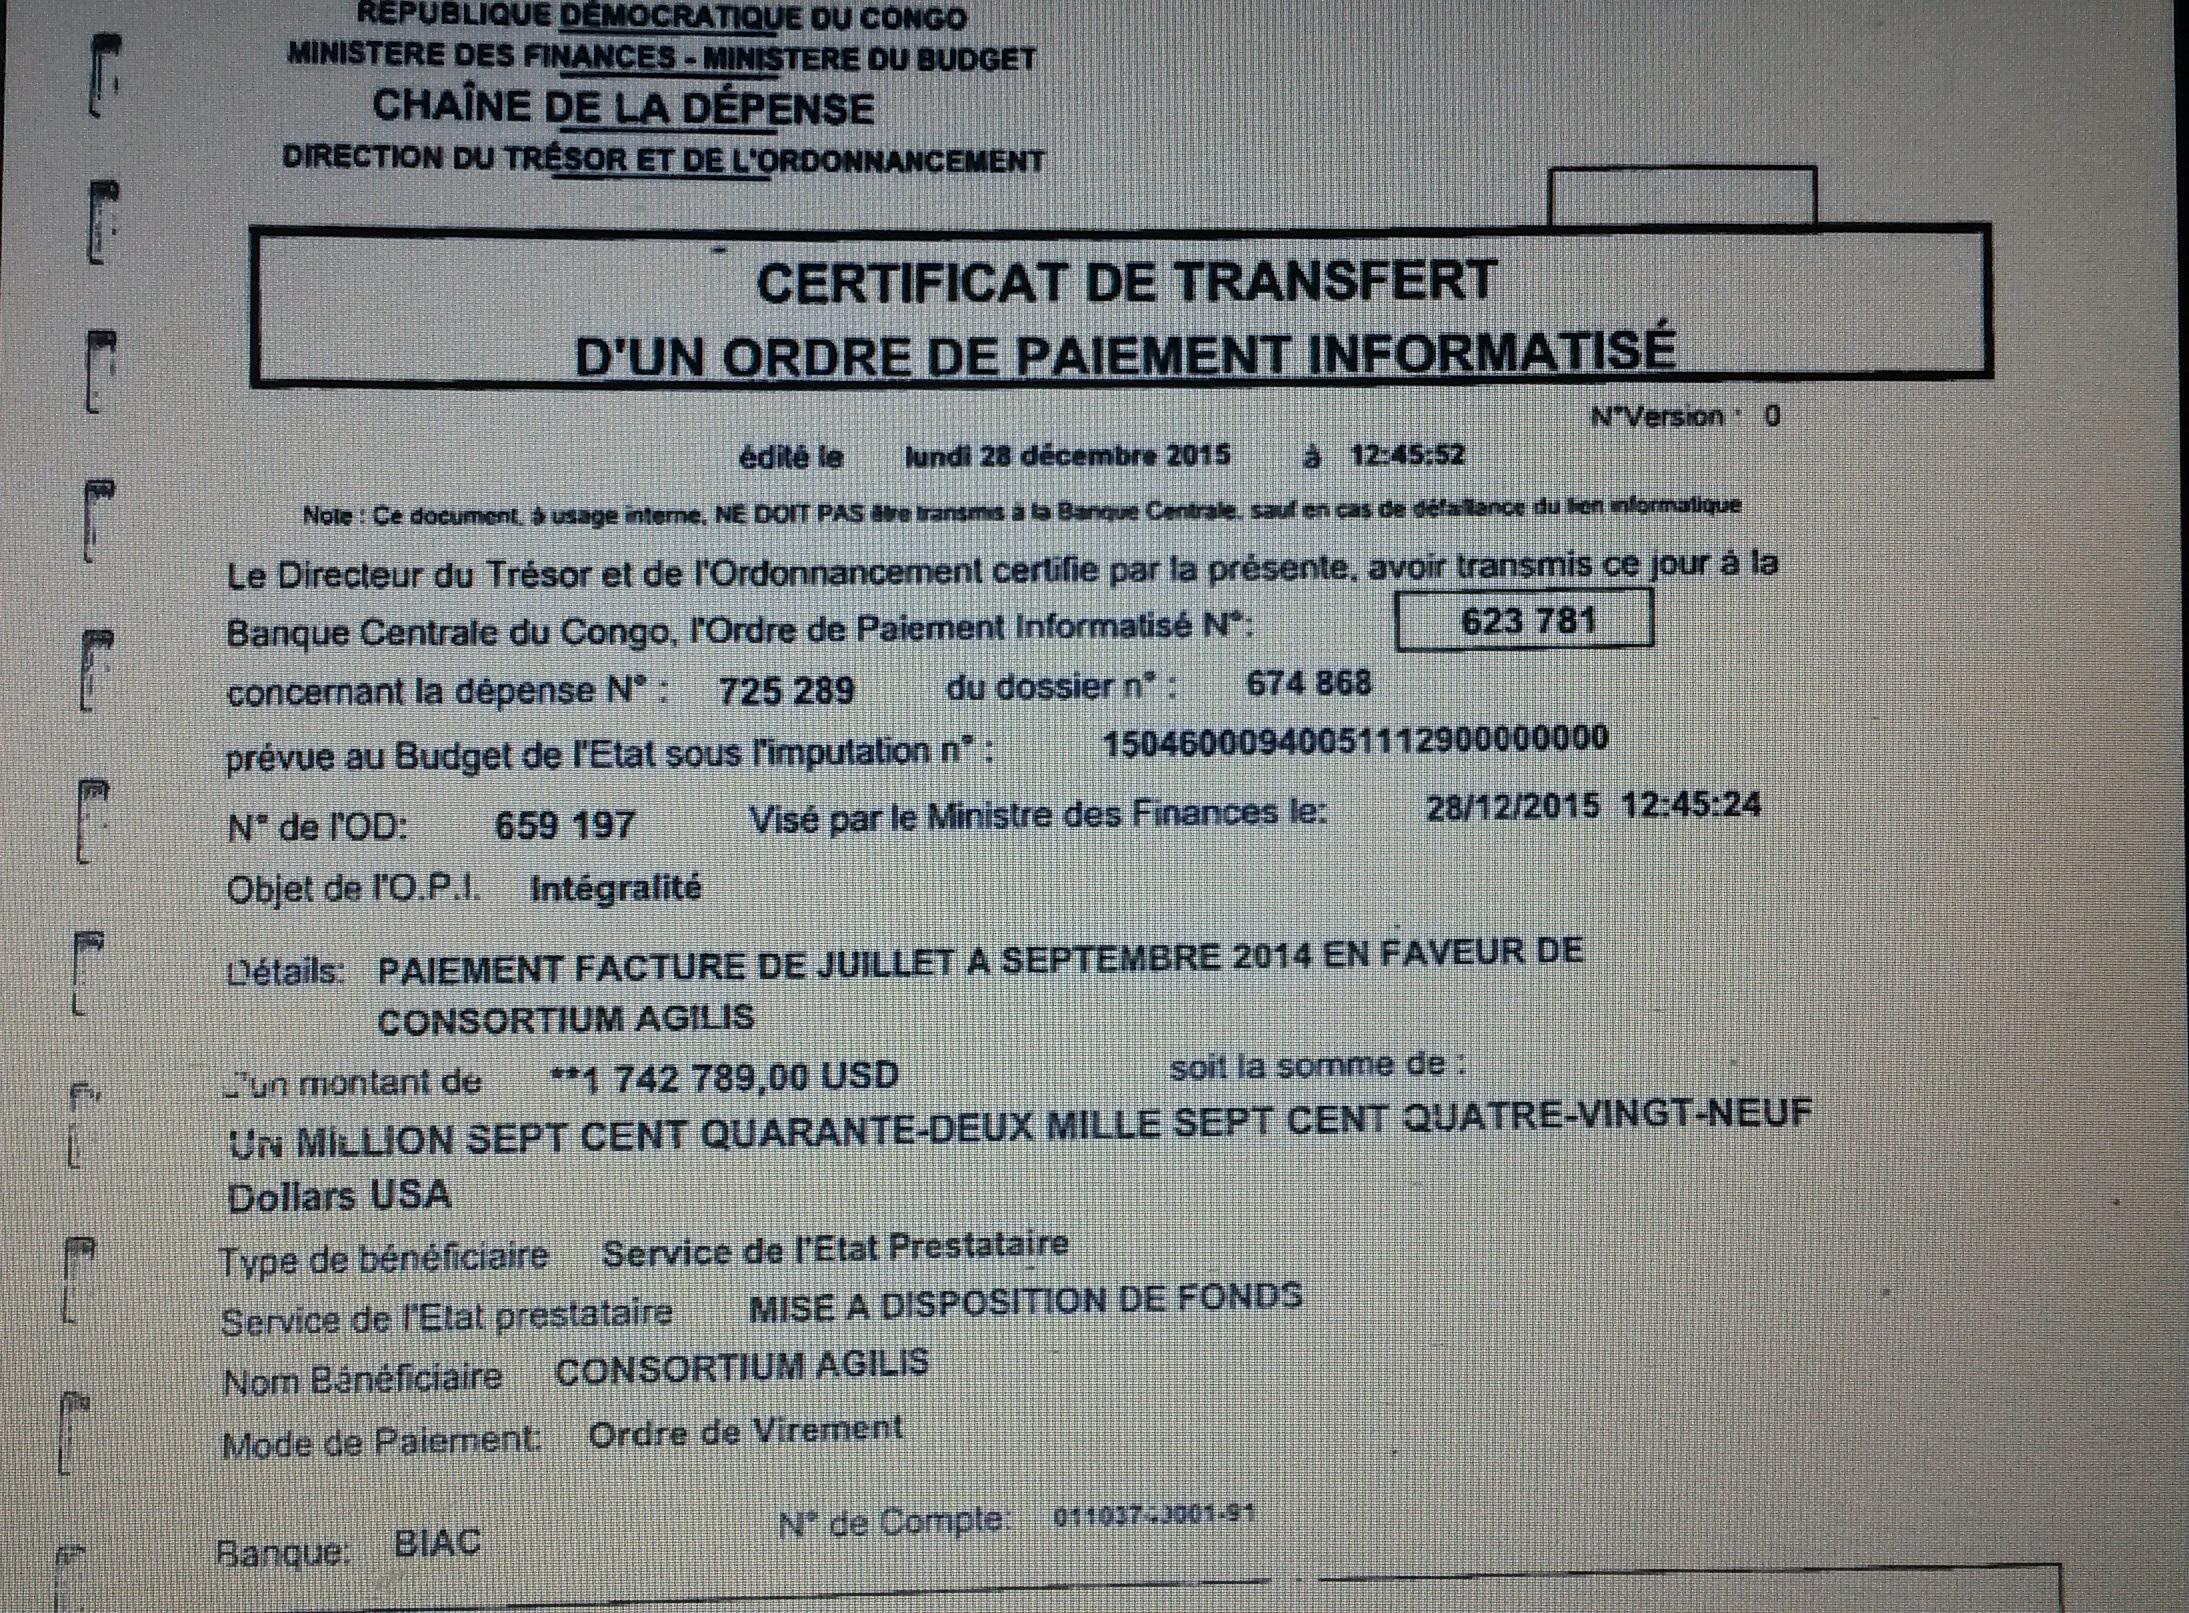 RDC : 1,7 millions de dollars, Luhaka au cœur d'un détournement 17